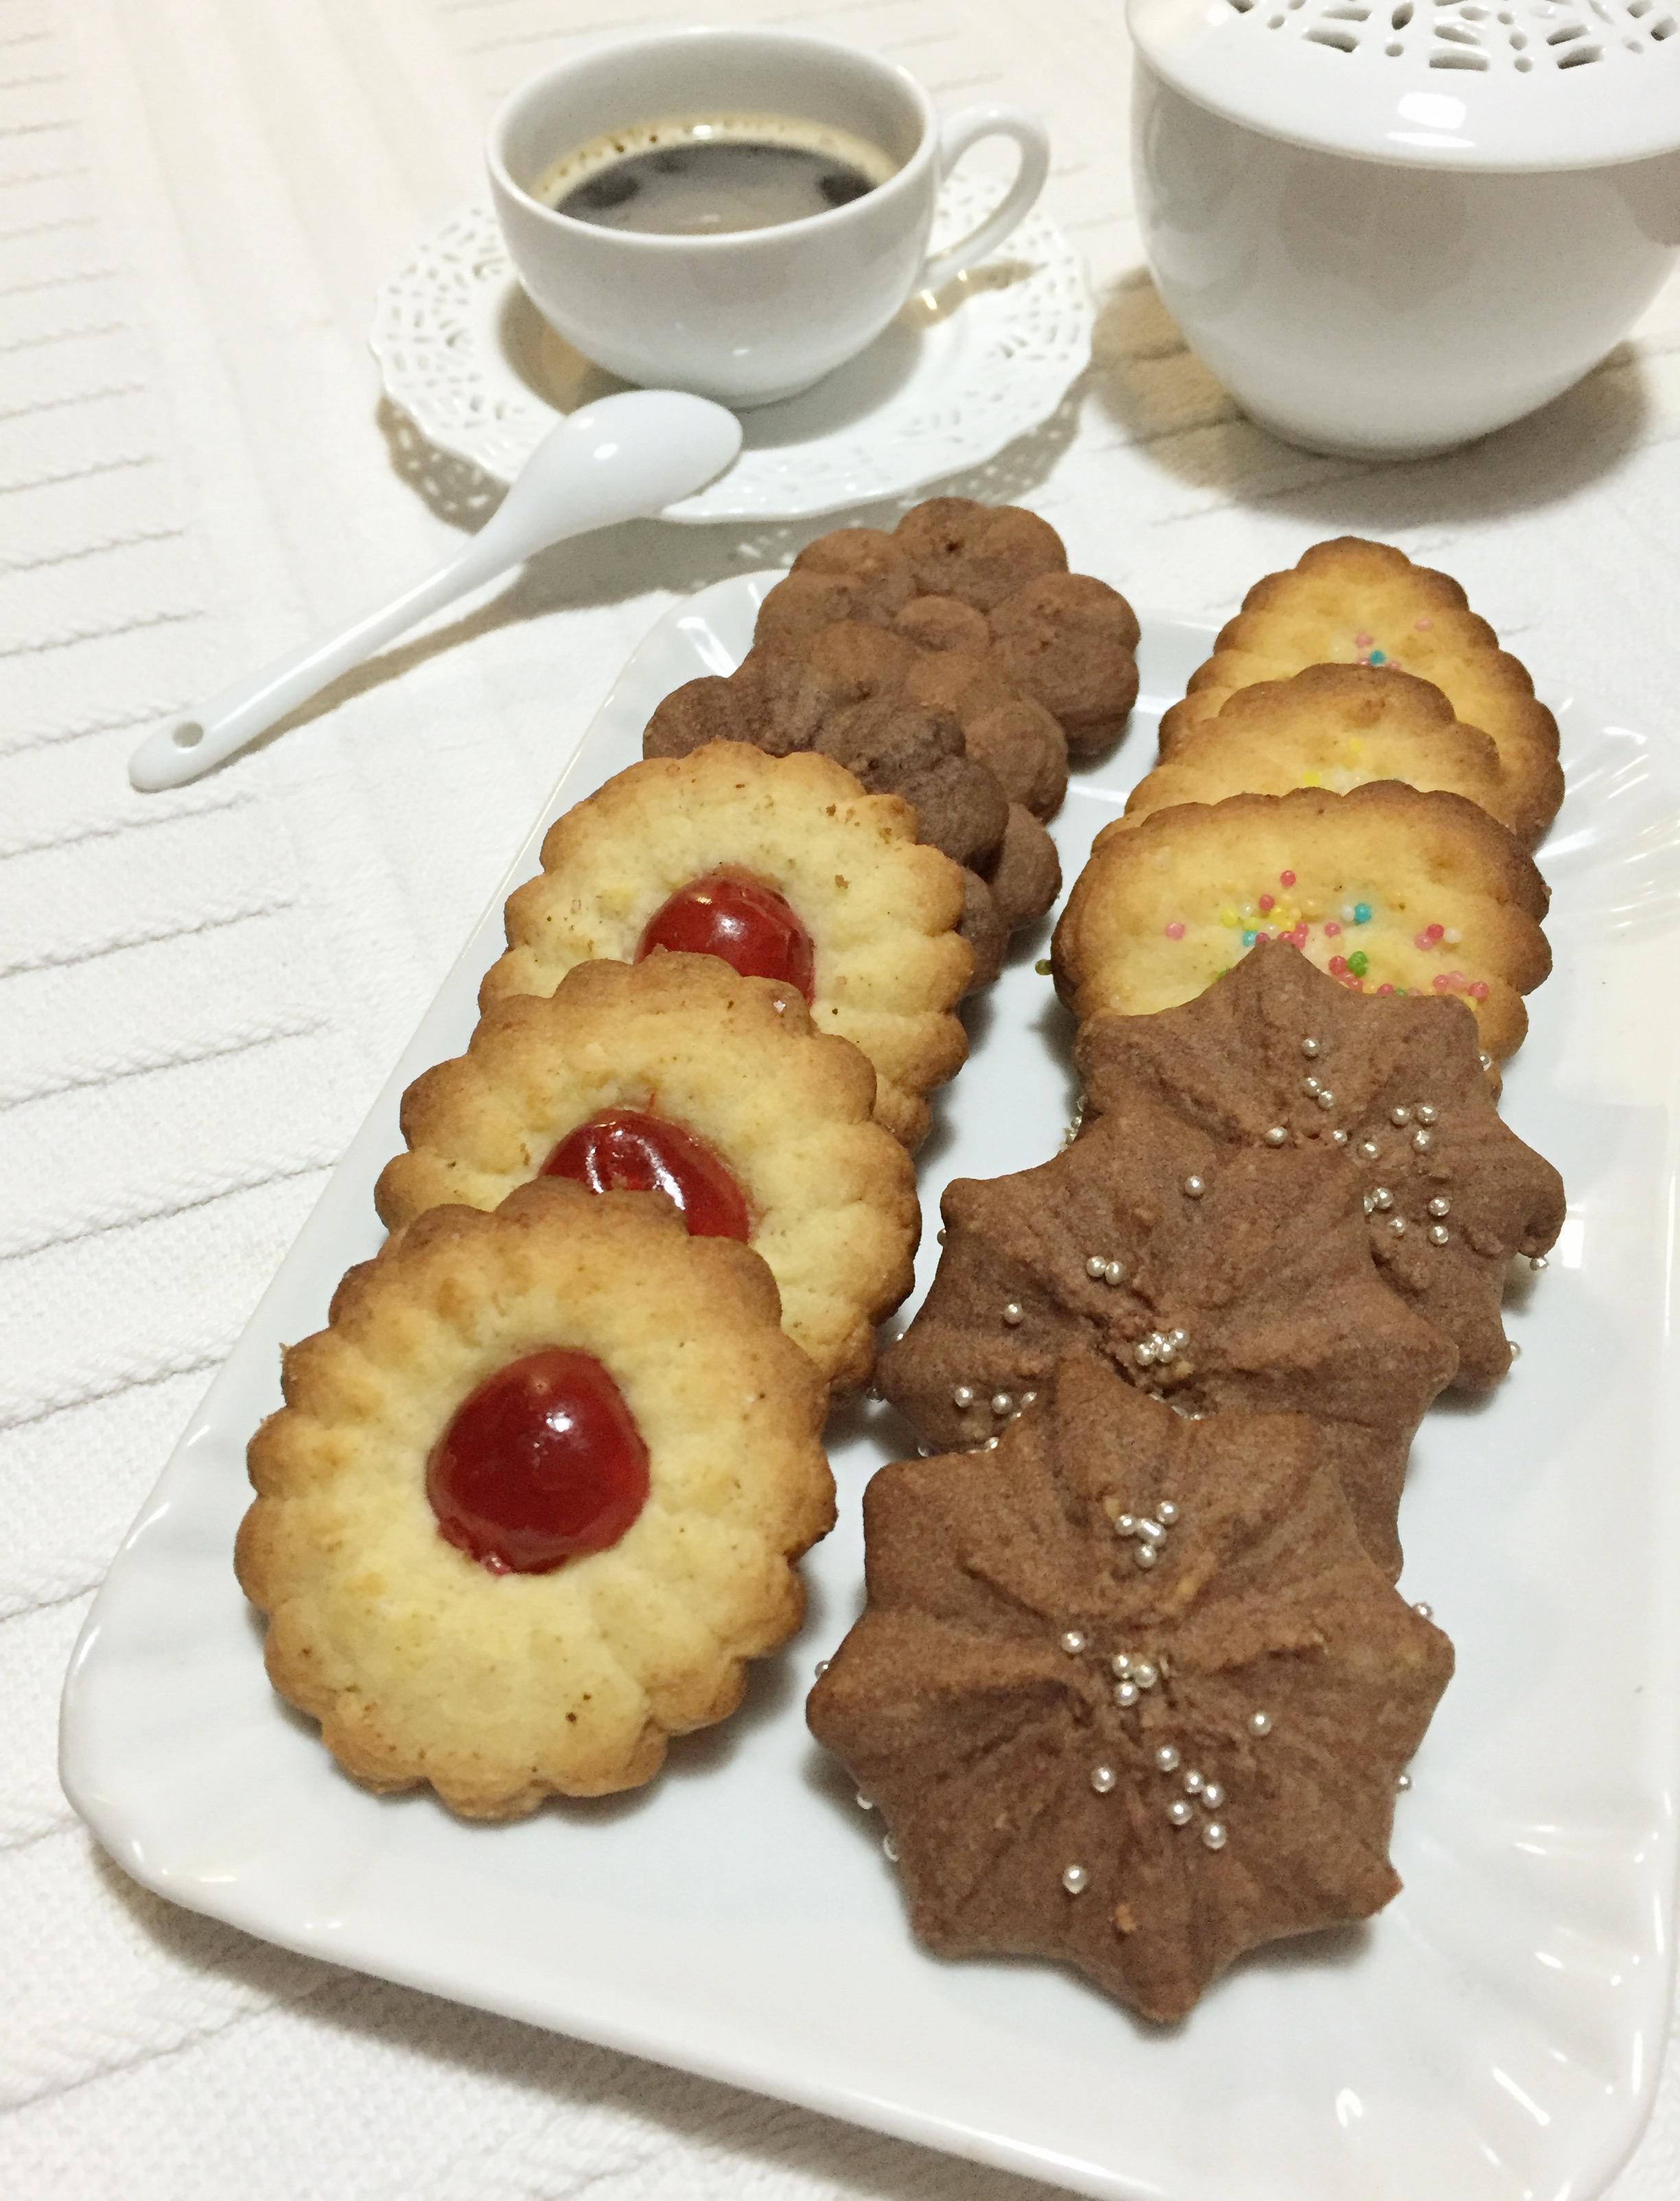 Formina per biscotti Ann Clark a forma di cuore extra large Acciaio prodotto negli Stati Uniti 12,7 cm